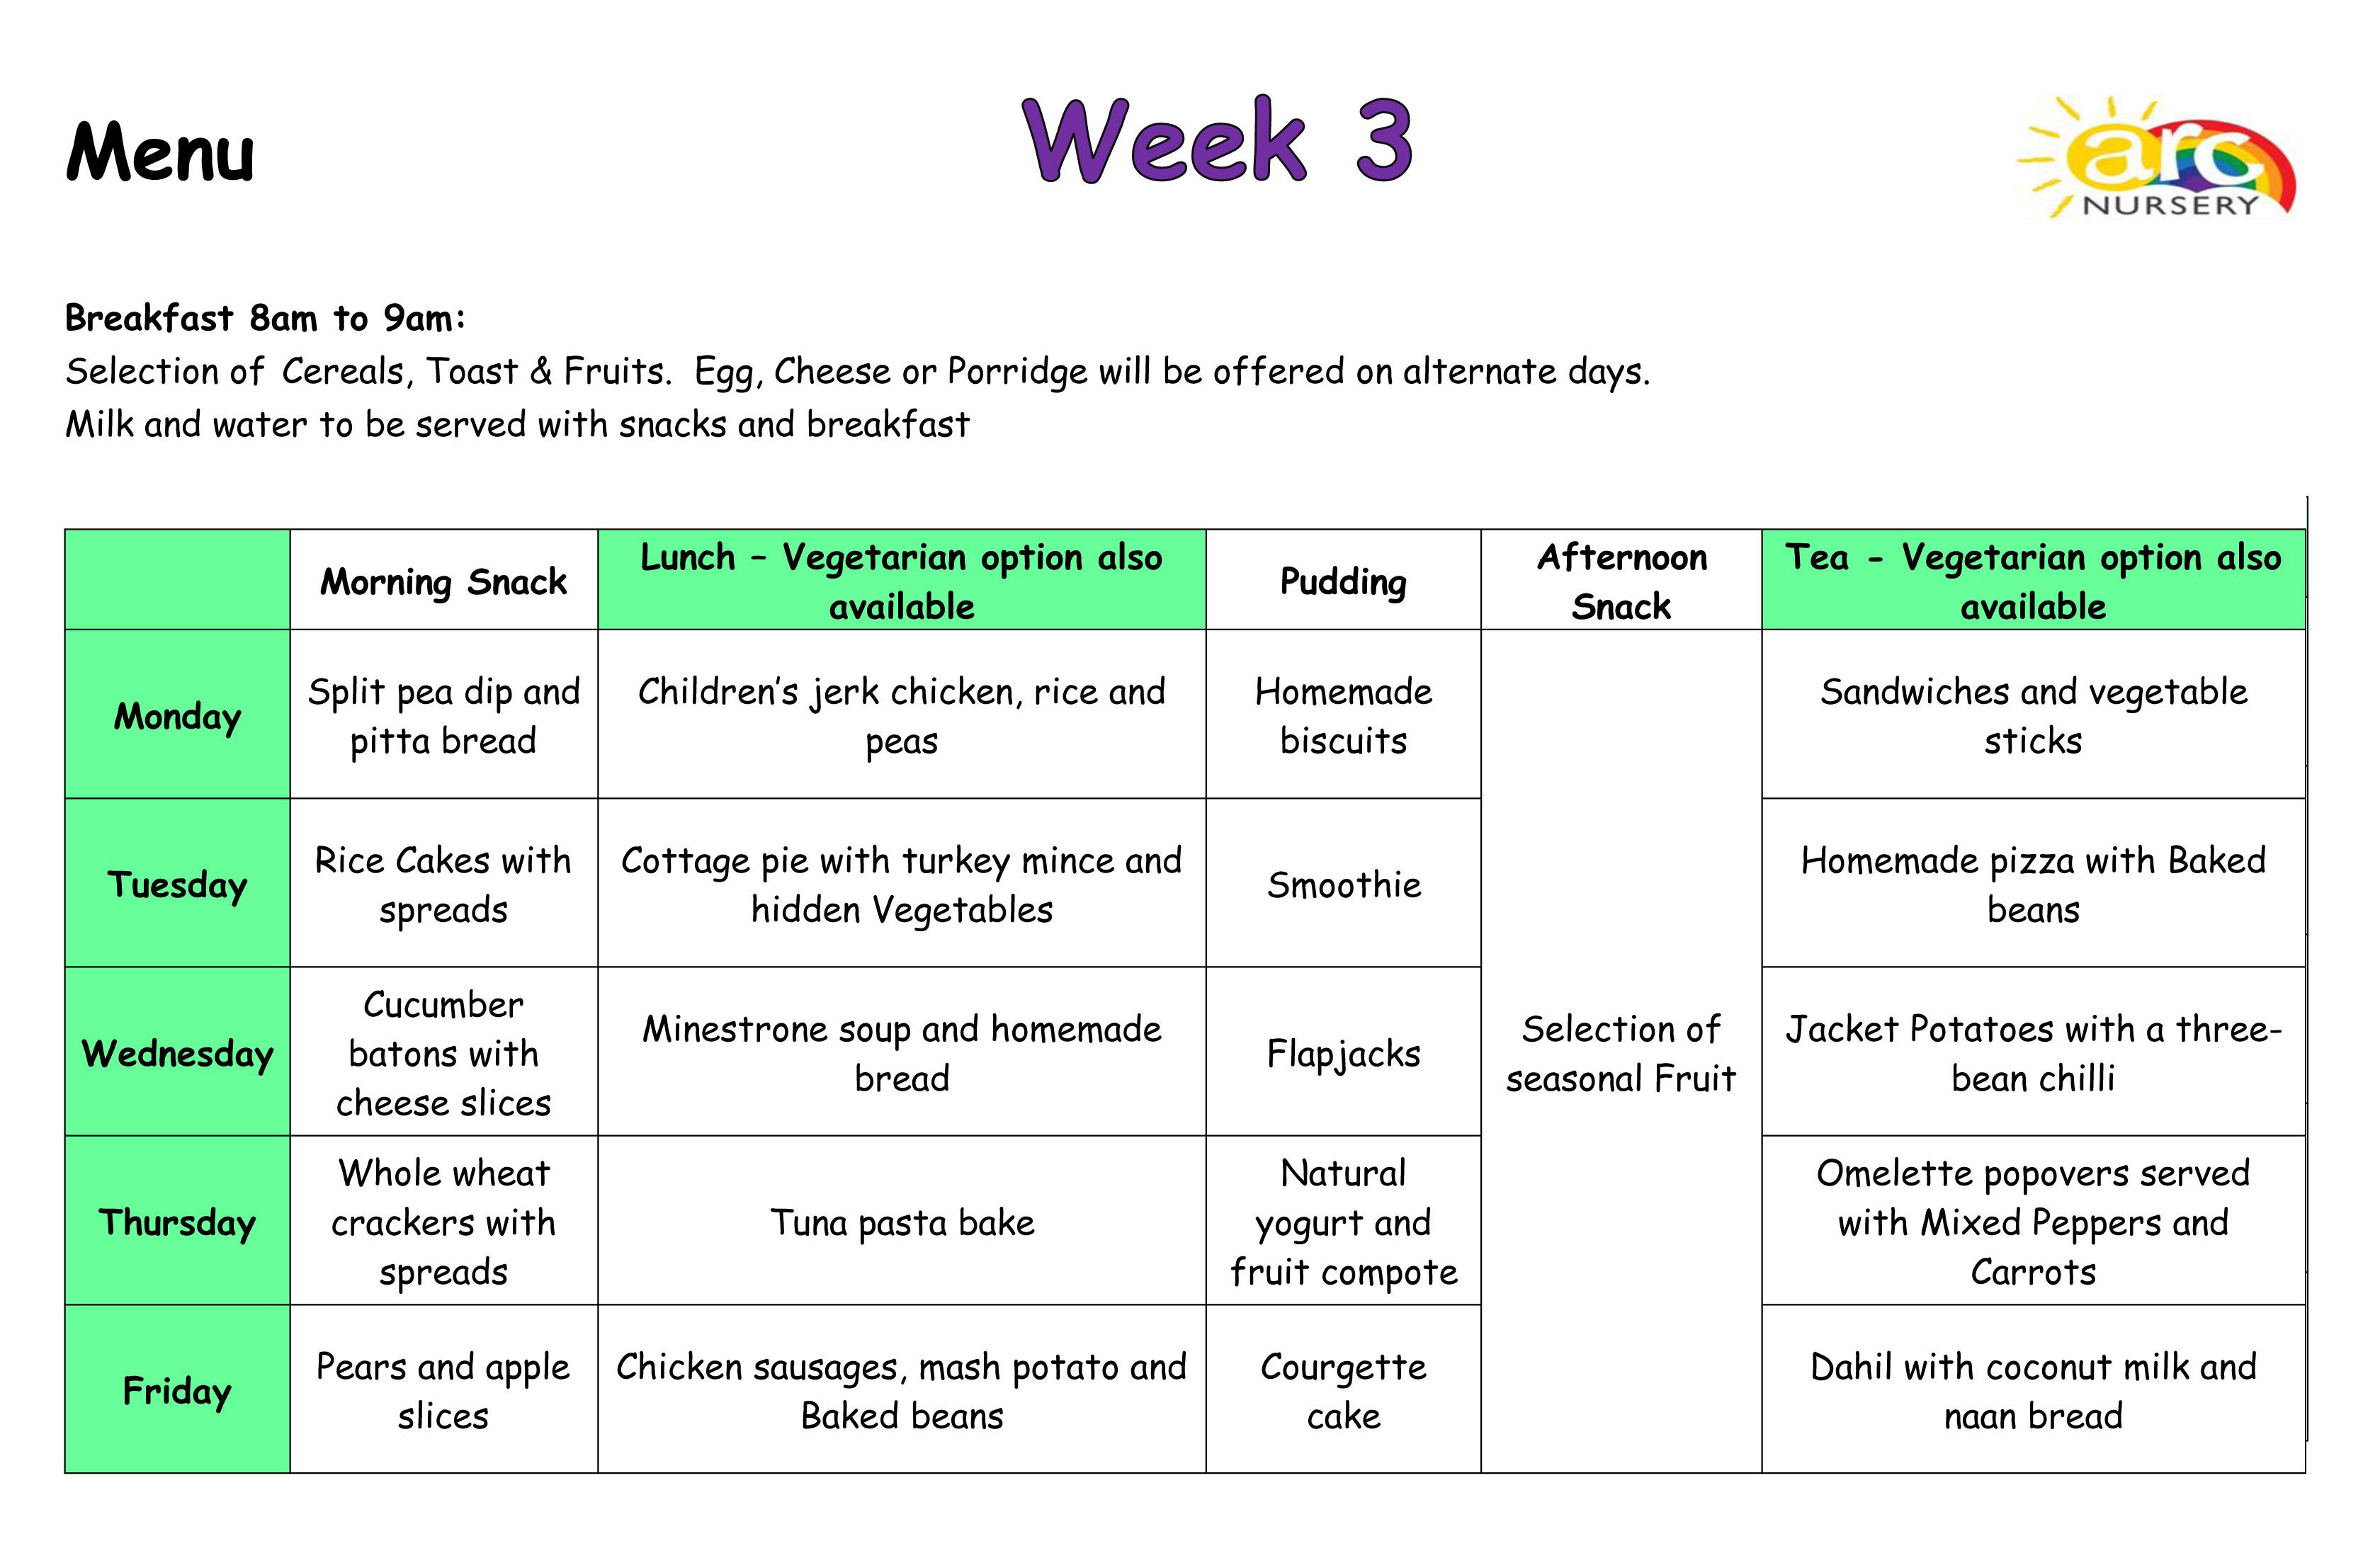 Arc Nursery Menus - Week 3